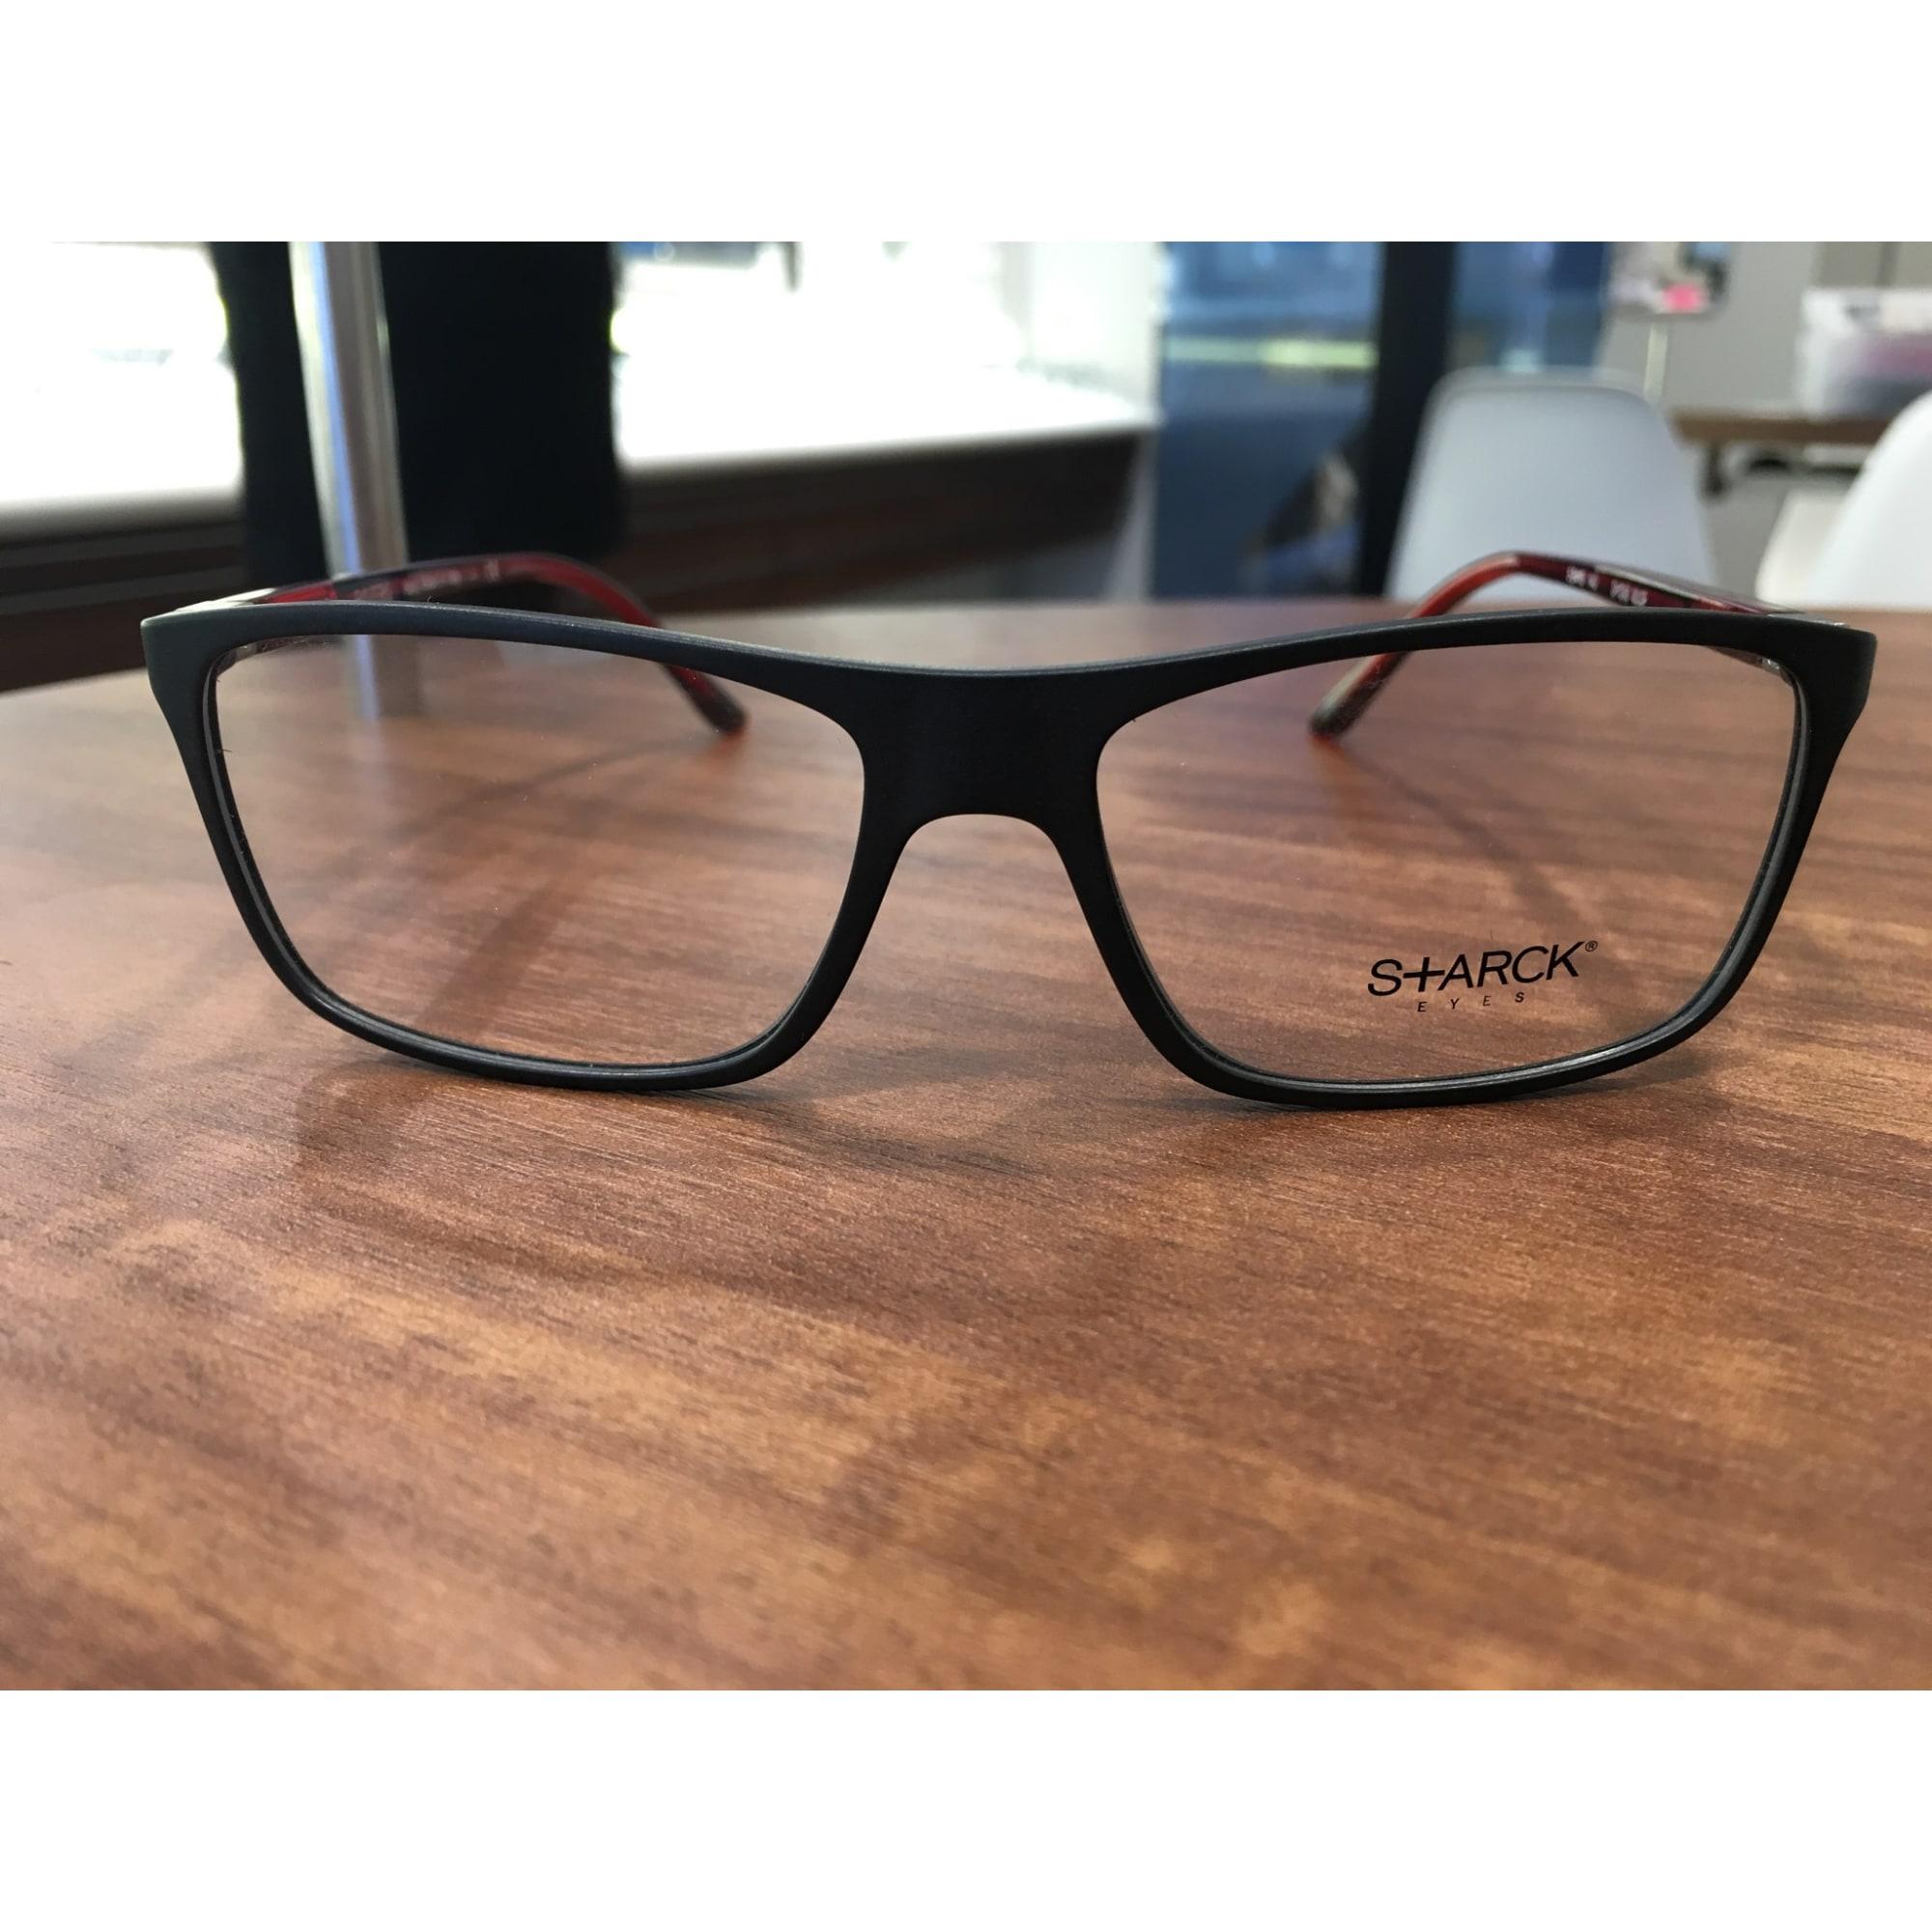 da734d272e4 Monture de lunettes STARCK EYES noir vendu par Élite 1 - 4898689